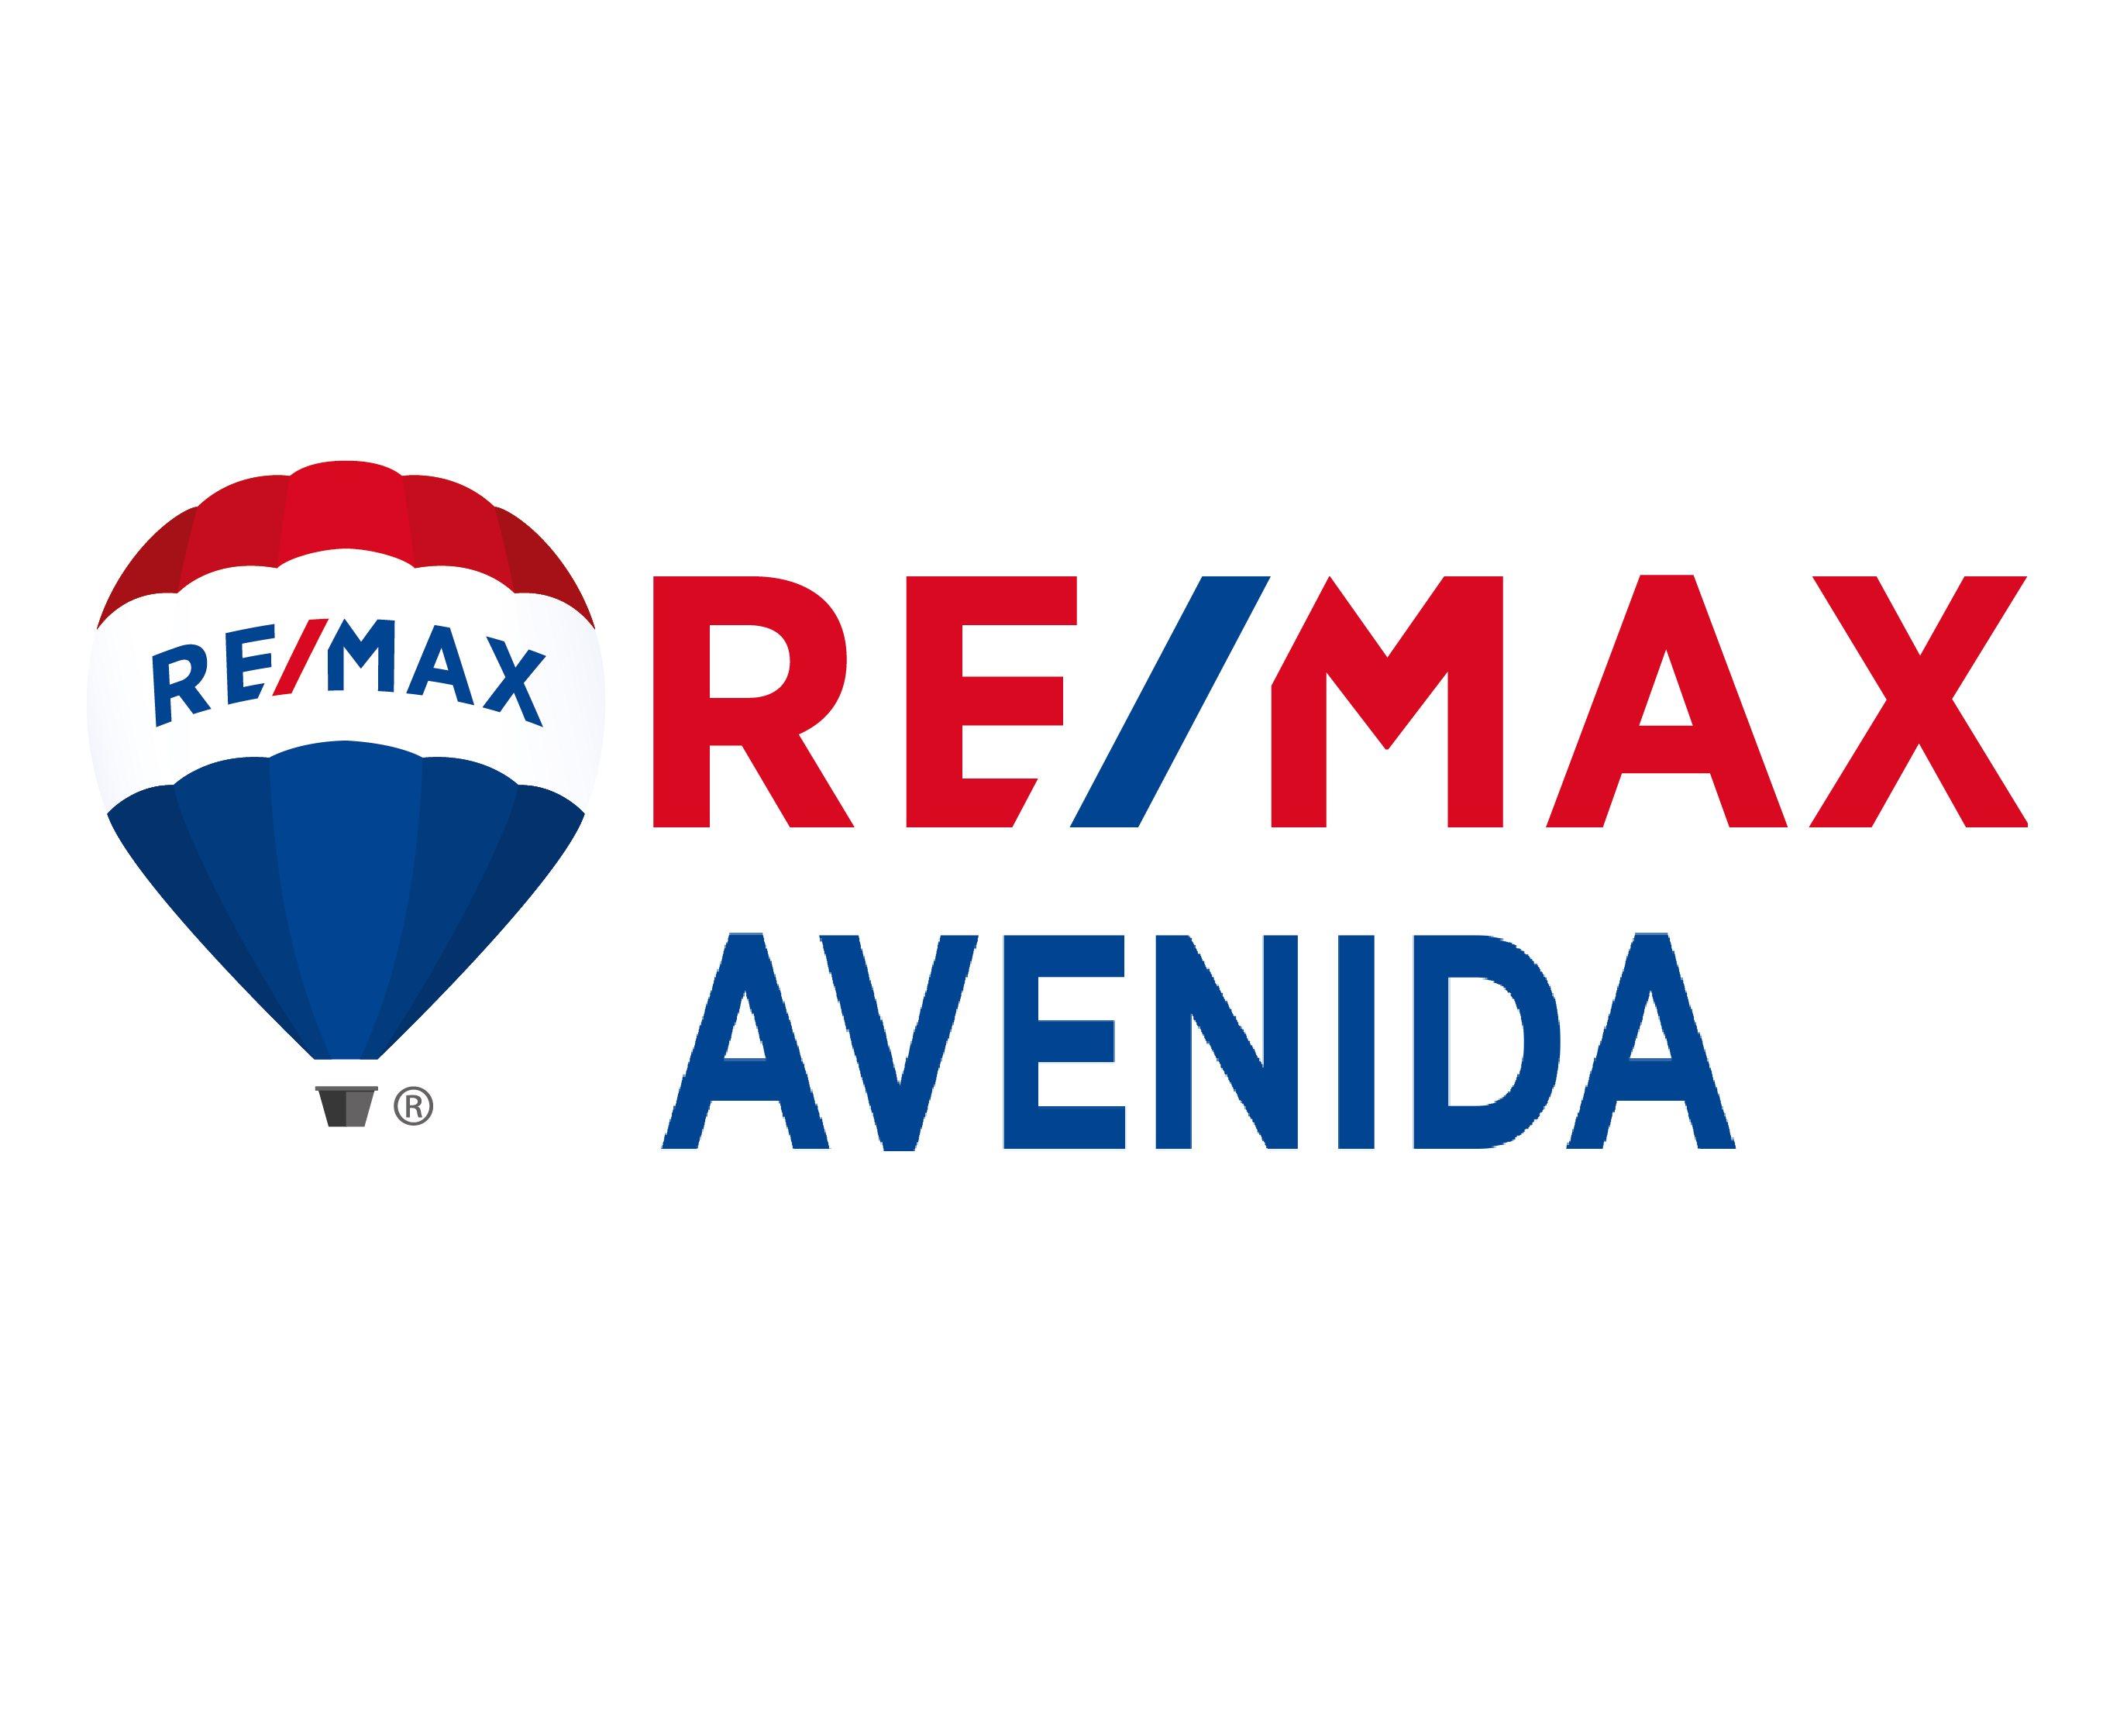 RE/MAX AVENIDA